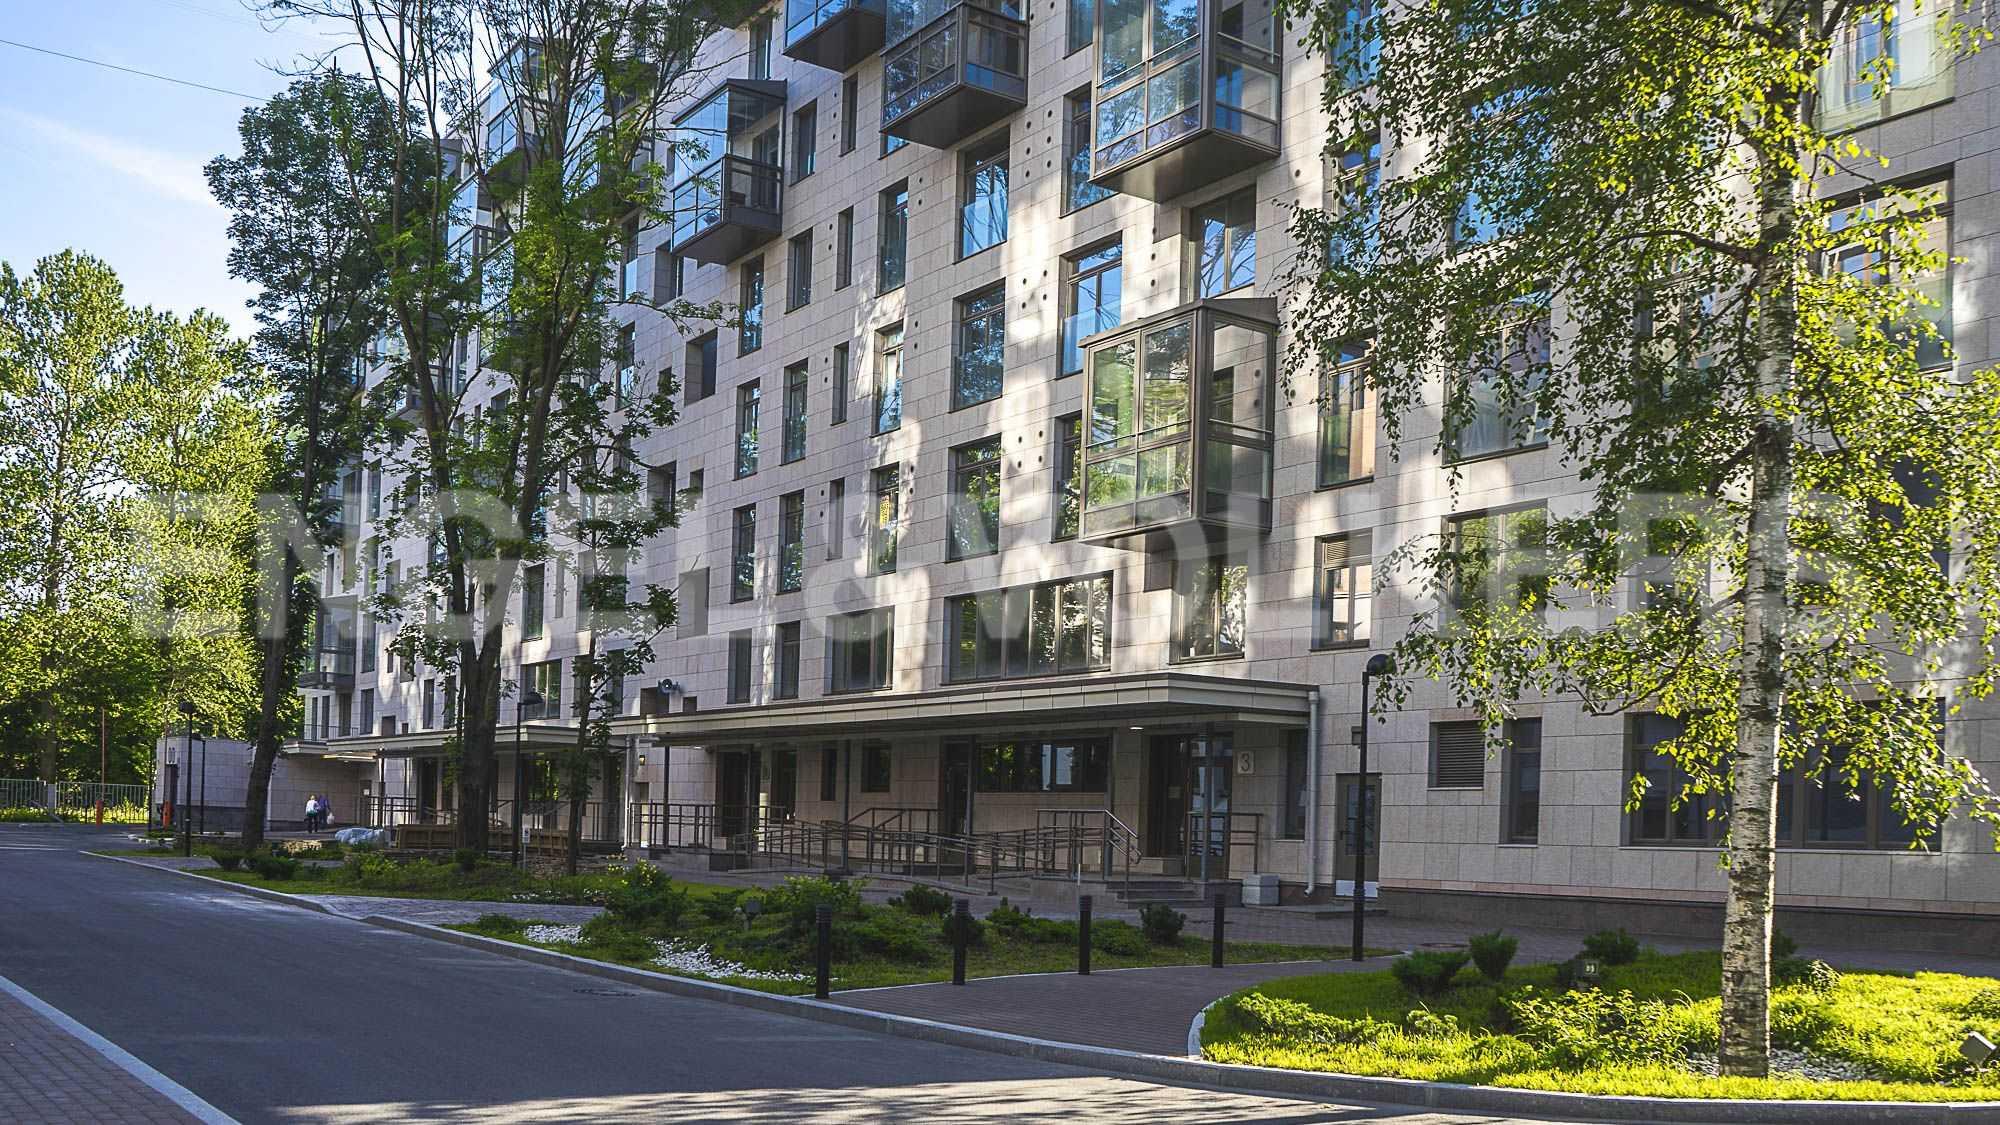 Элитные квартиры в Центральном районе. Санкт-Петербург, ул.Смольного, 4. Придомовая территория комплекса